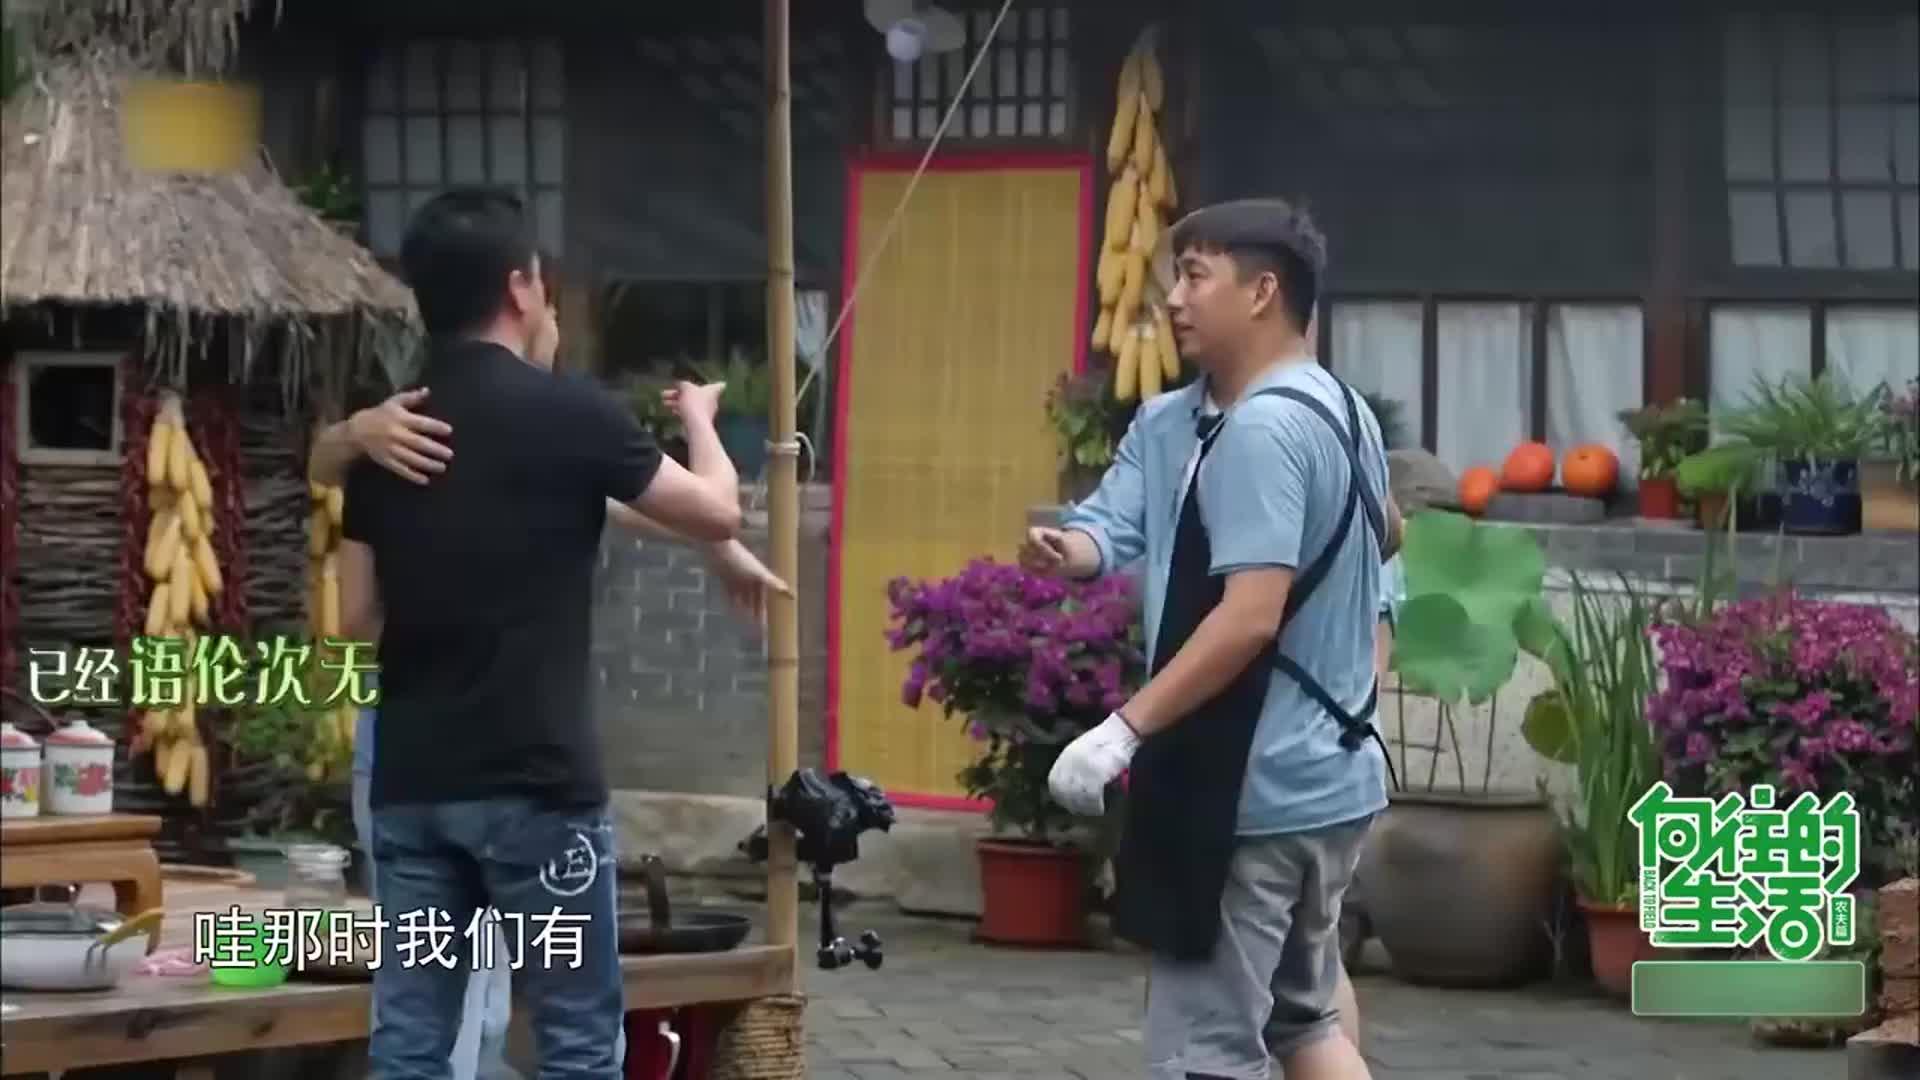 向往-总裁王中磊做客蘑菇屋,黄磊说了一句话,何炅嘴都笑歪了!